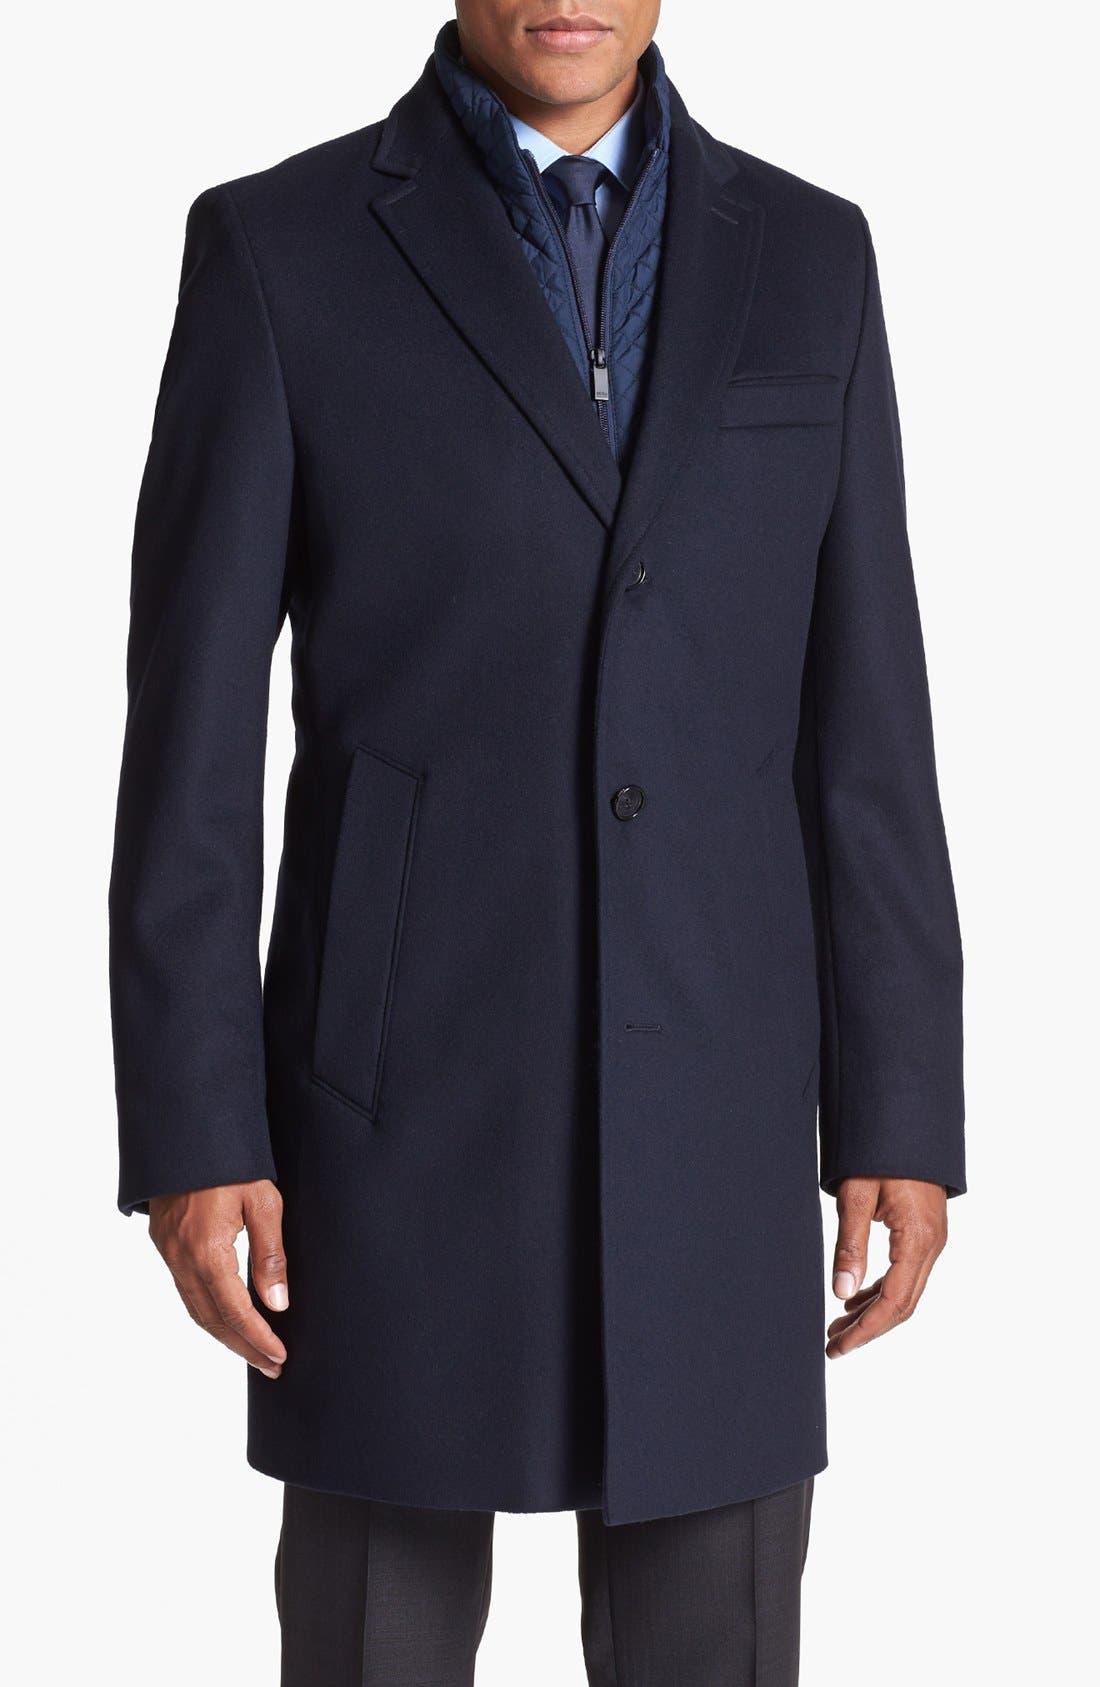 ZZDNUHUGO BOSS BOSS HUGO BOSS 'Logan' Topcoat, Main, color, 403